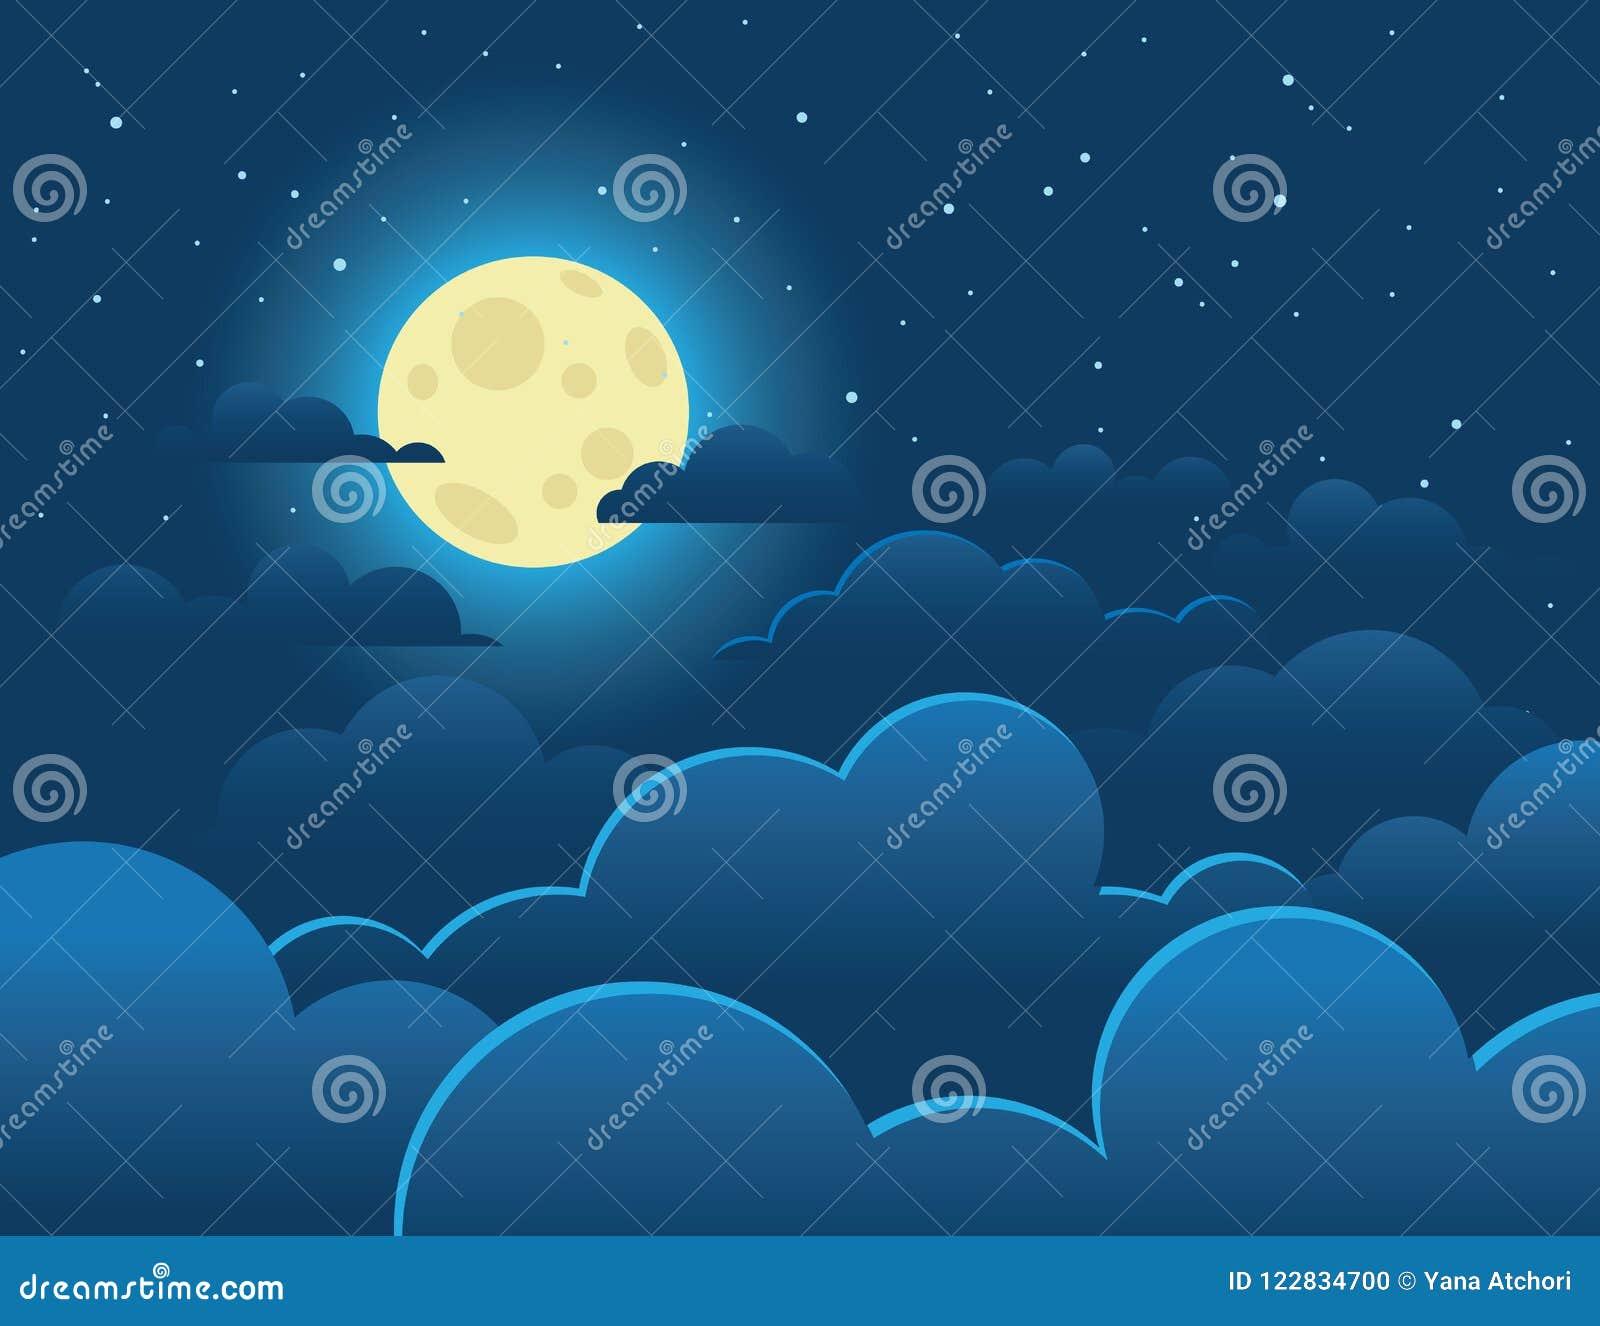 Vector a ilustração colorida de uma Lua cheia brilhante em um fundo de um céu escuro